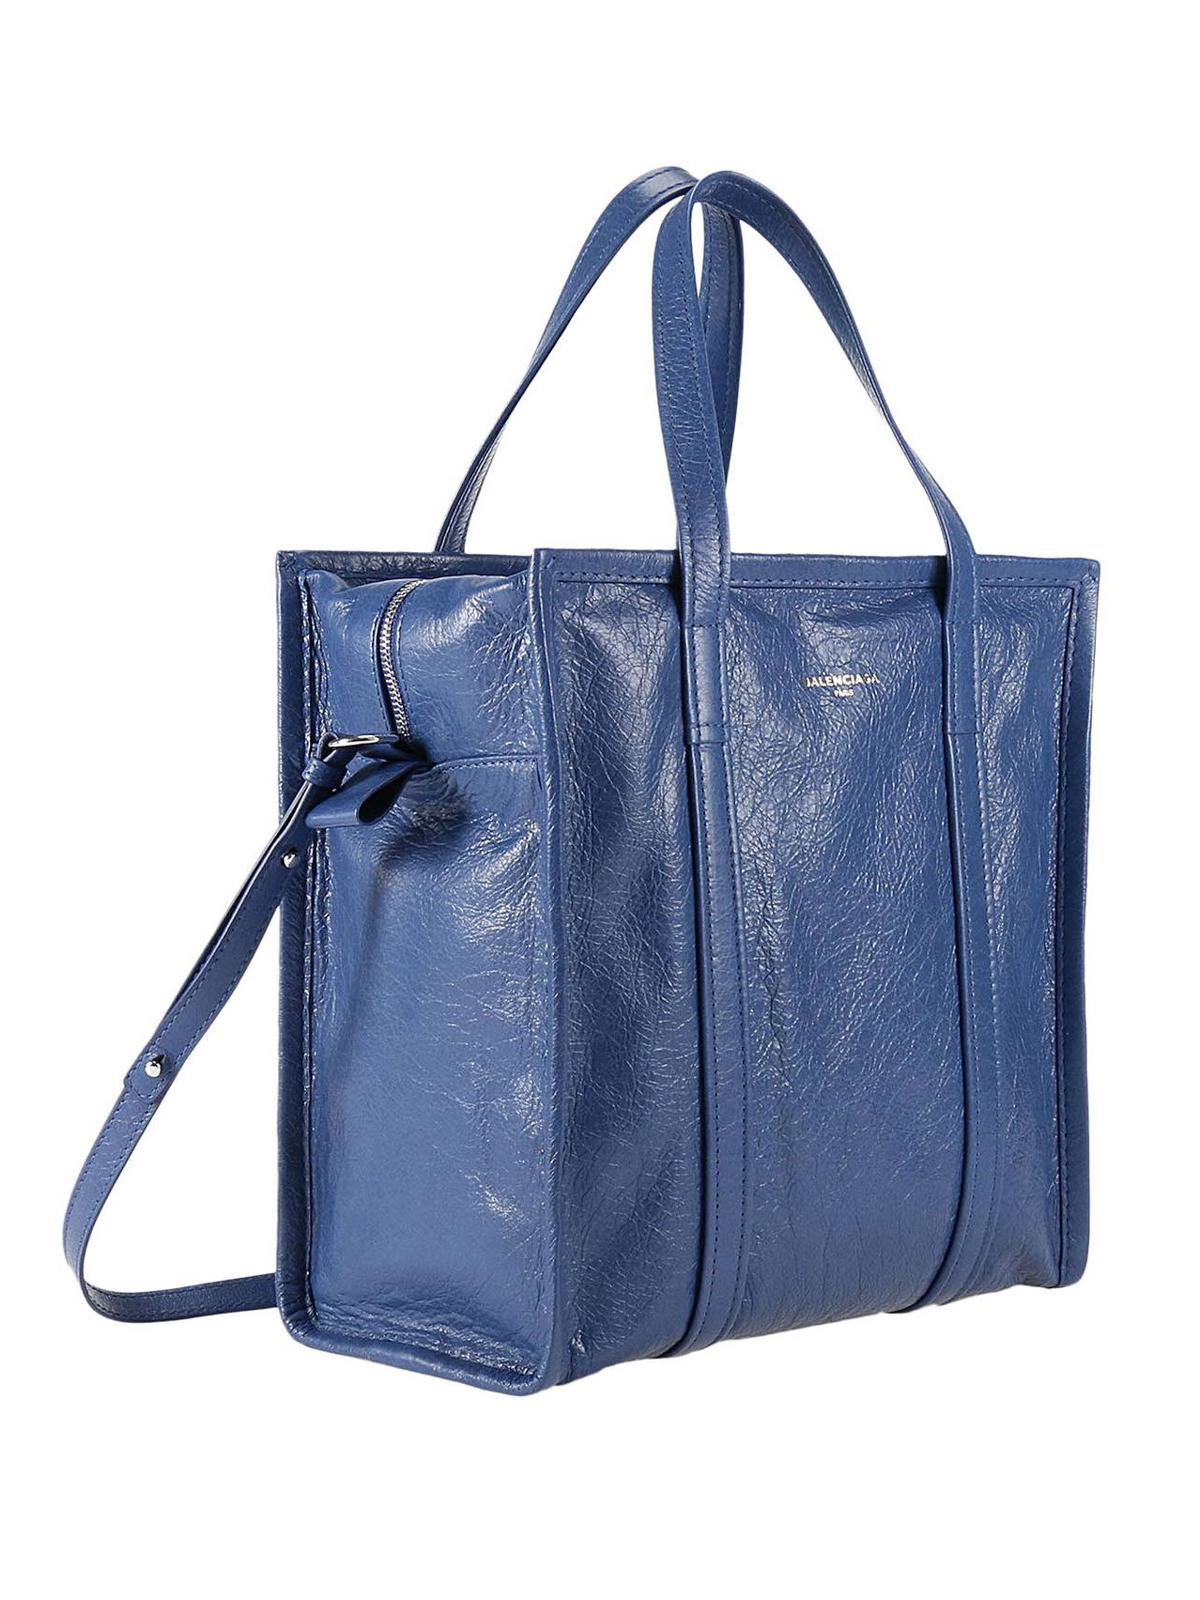 2cc753f8a0 Balenciaga - Shopper Bazar piccola - shopper - 443096D94IN4222 ...